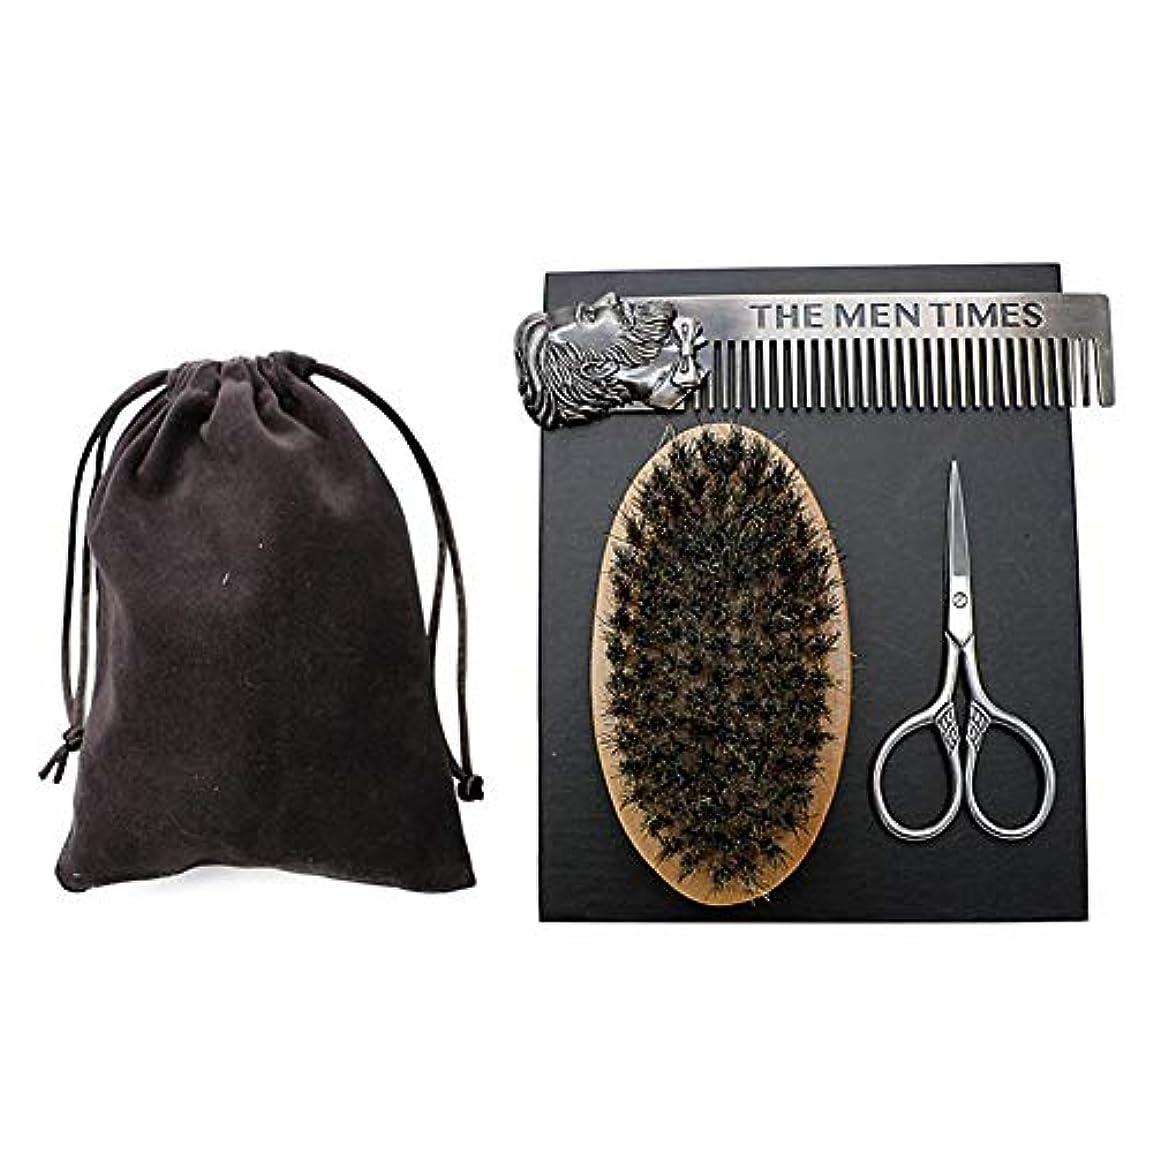 円周愛されし者評論家3バルバの男性と美学のための布バッグを削ステンレス鋼マルチツールブラシくしファッションヘアスタイリングはさみ